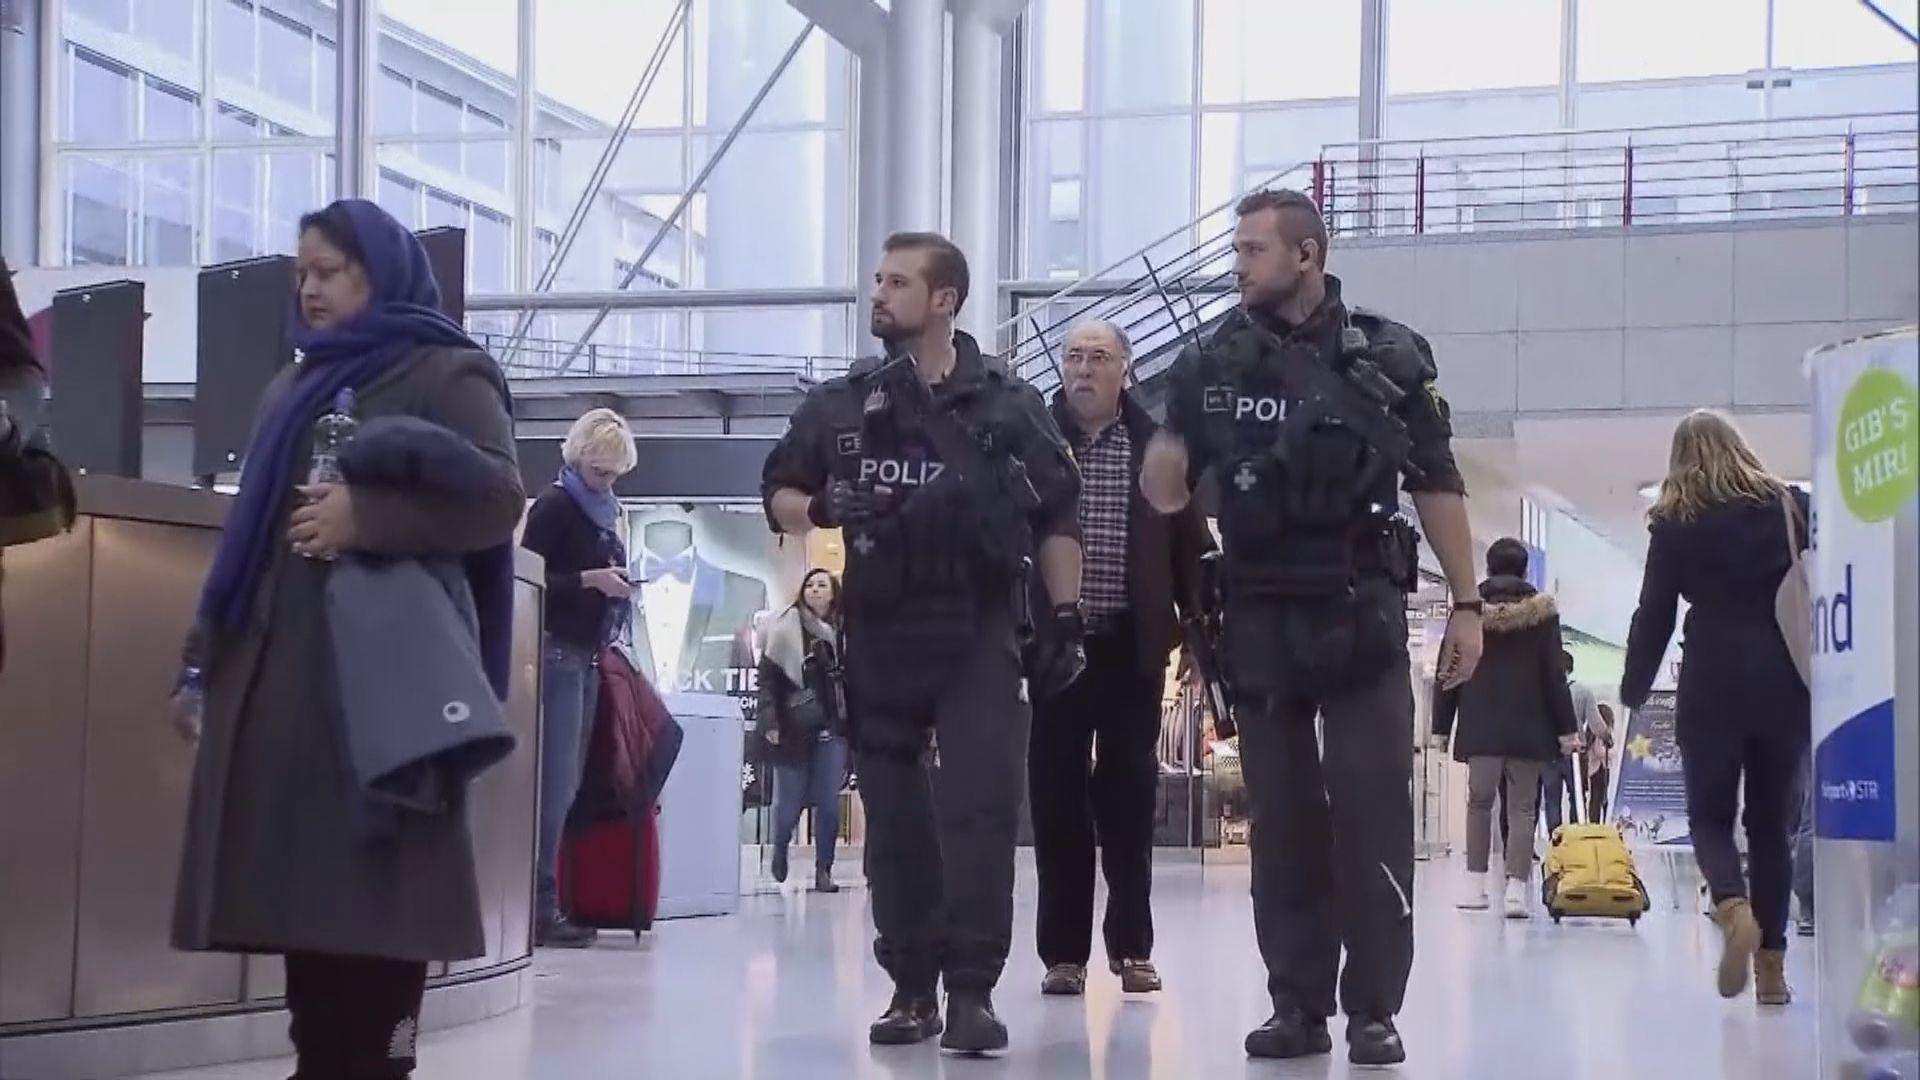 斯圖加特機場有持重型軍火警員巡邏